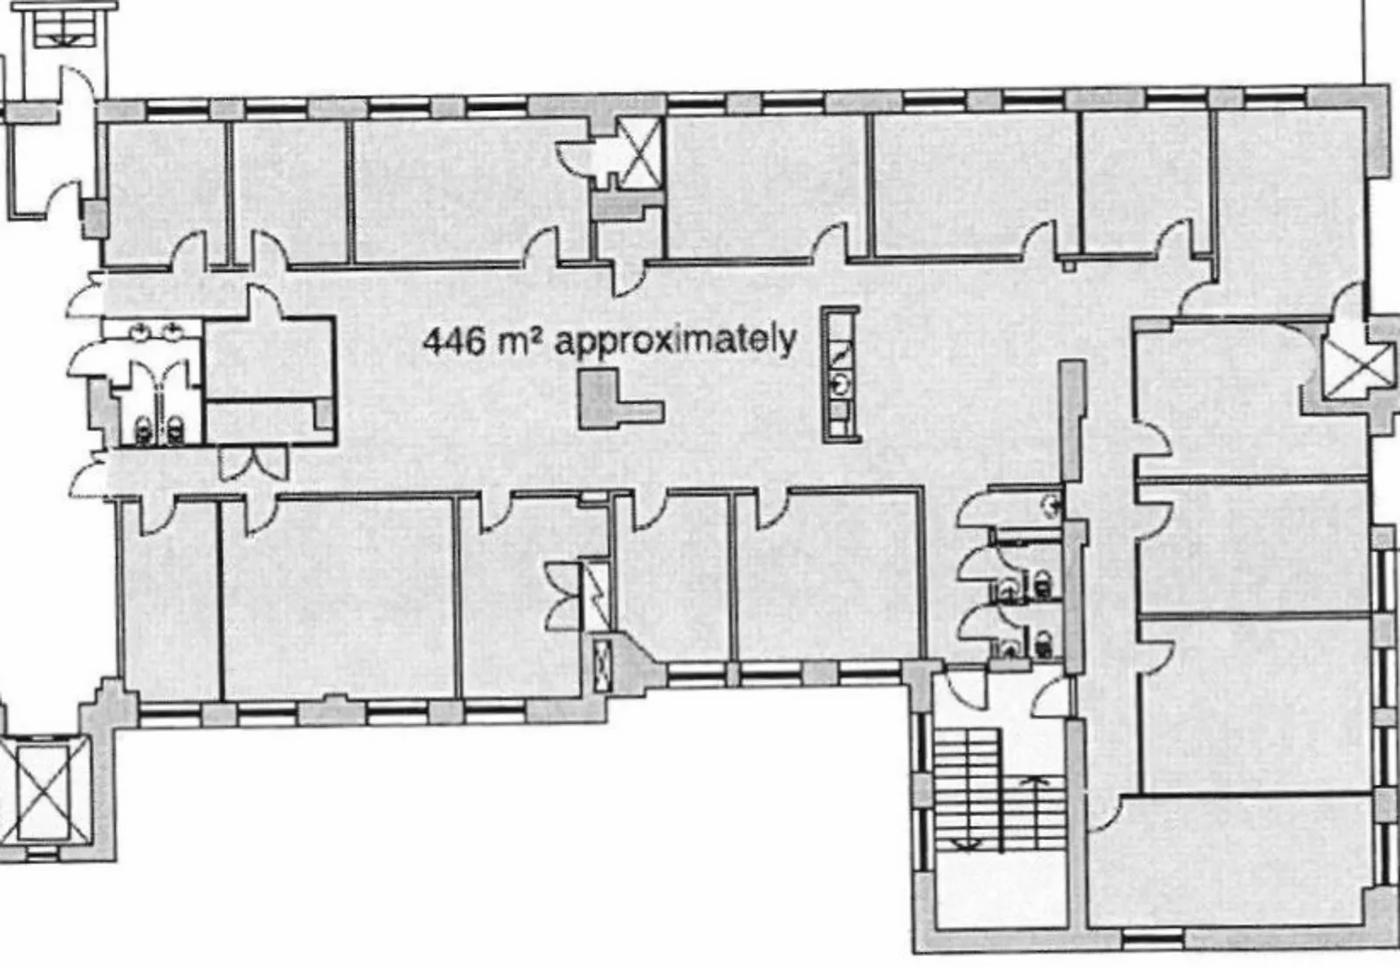 Hämeentie 13 A, 446m2, 2. kerros, Toimistotila